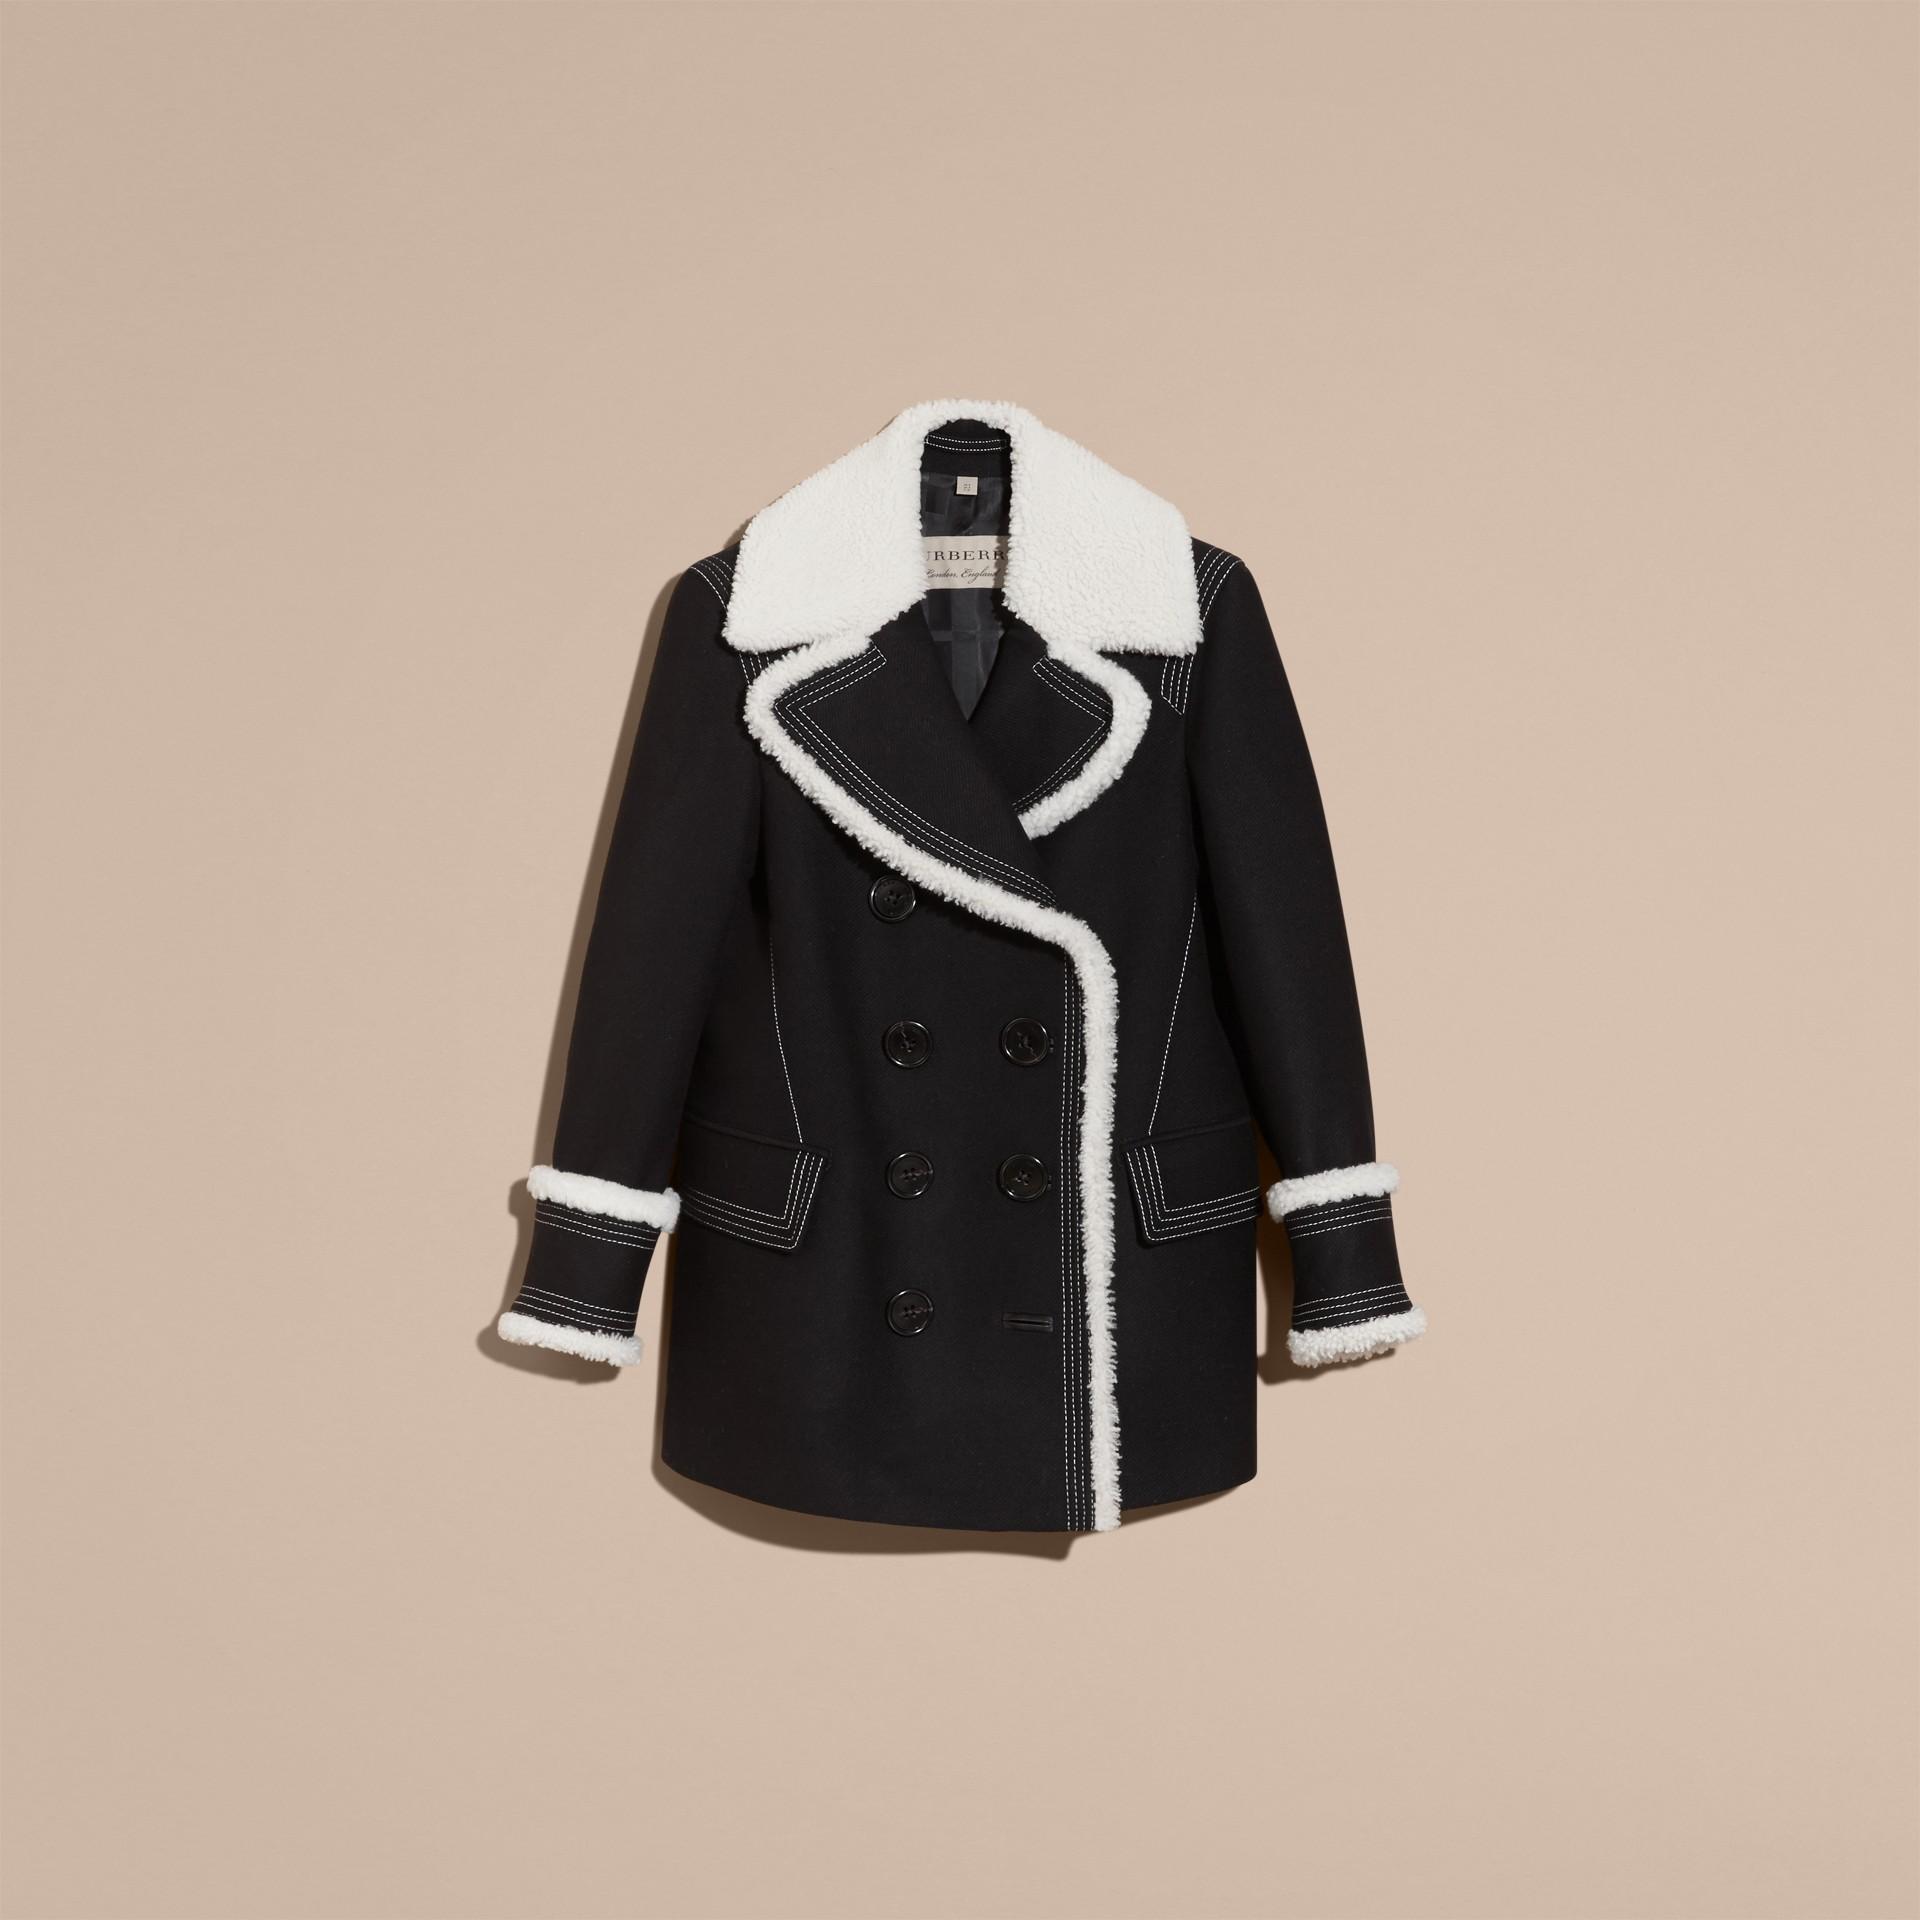 Nero Pea coat in misto lana e cashmere con finiture in shearling - immagine della galleria 4